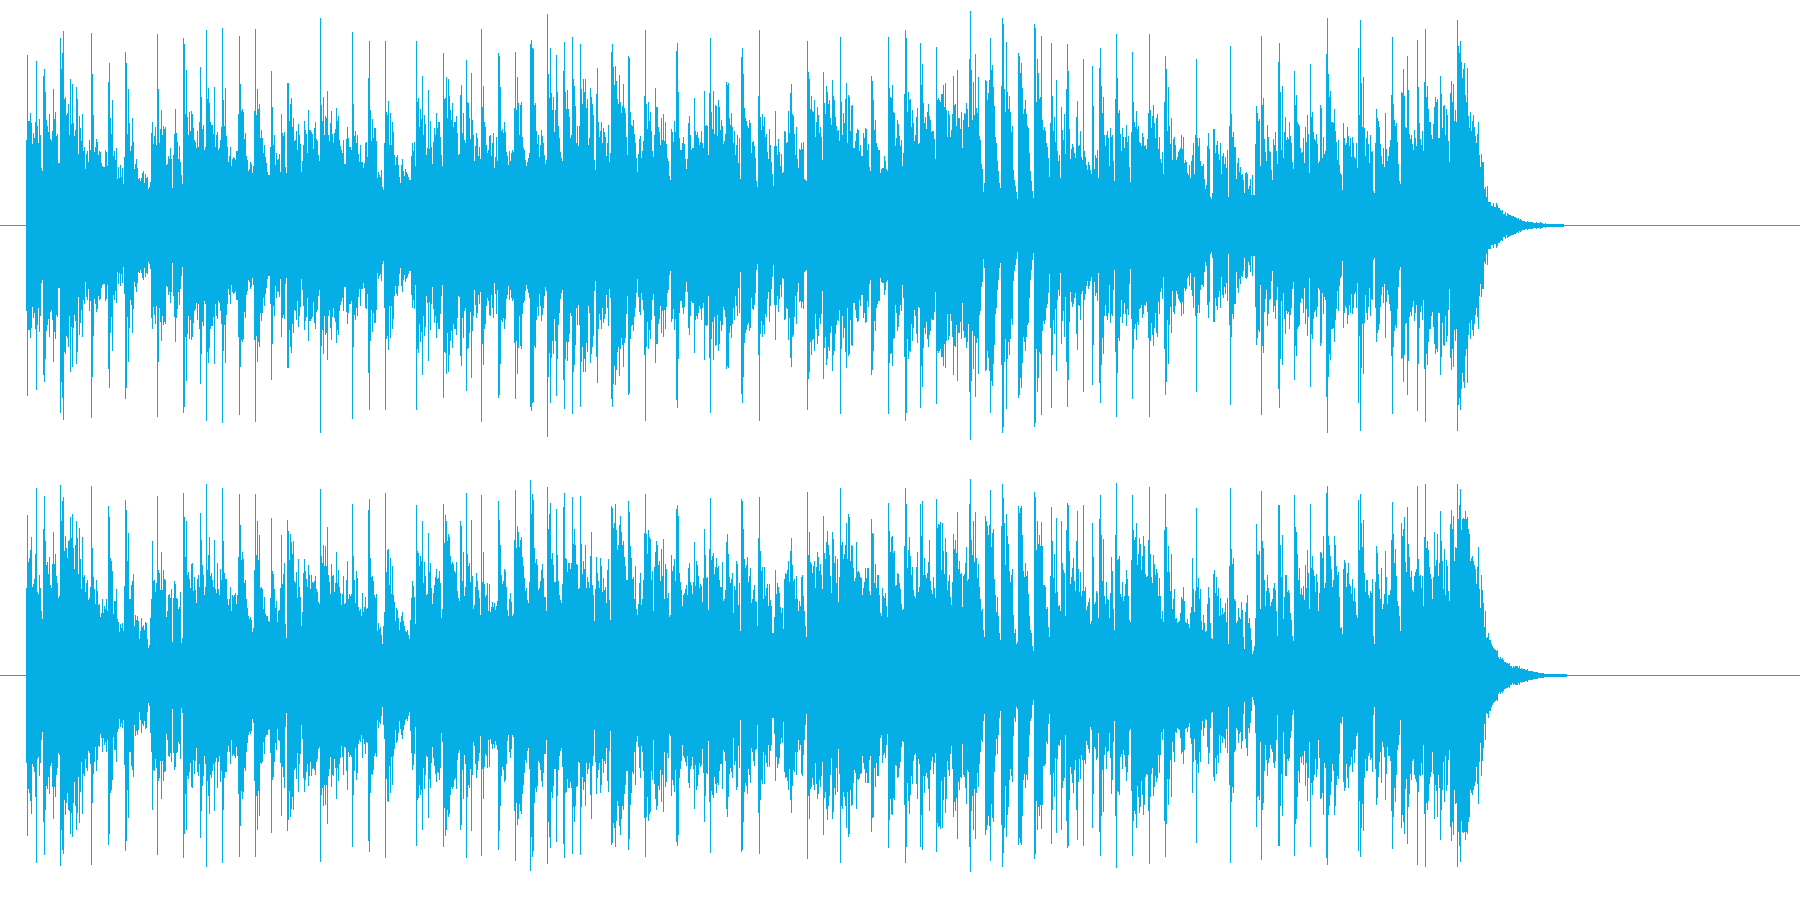 """都会的グルーブ感""""カッコイイ""""サウンドの再生済みの波形"""